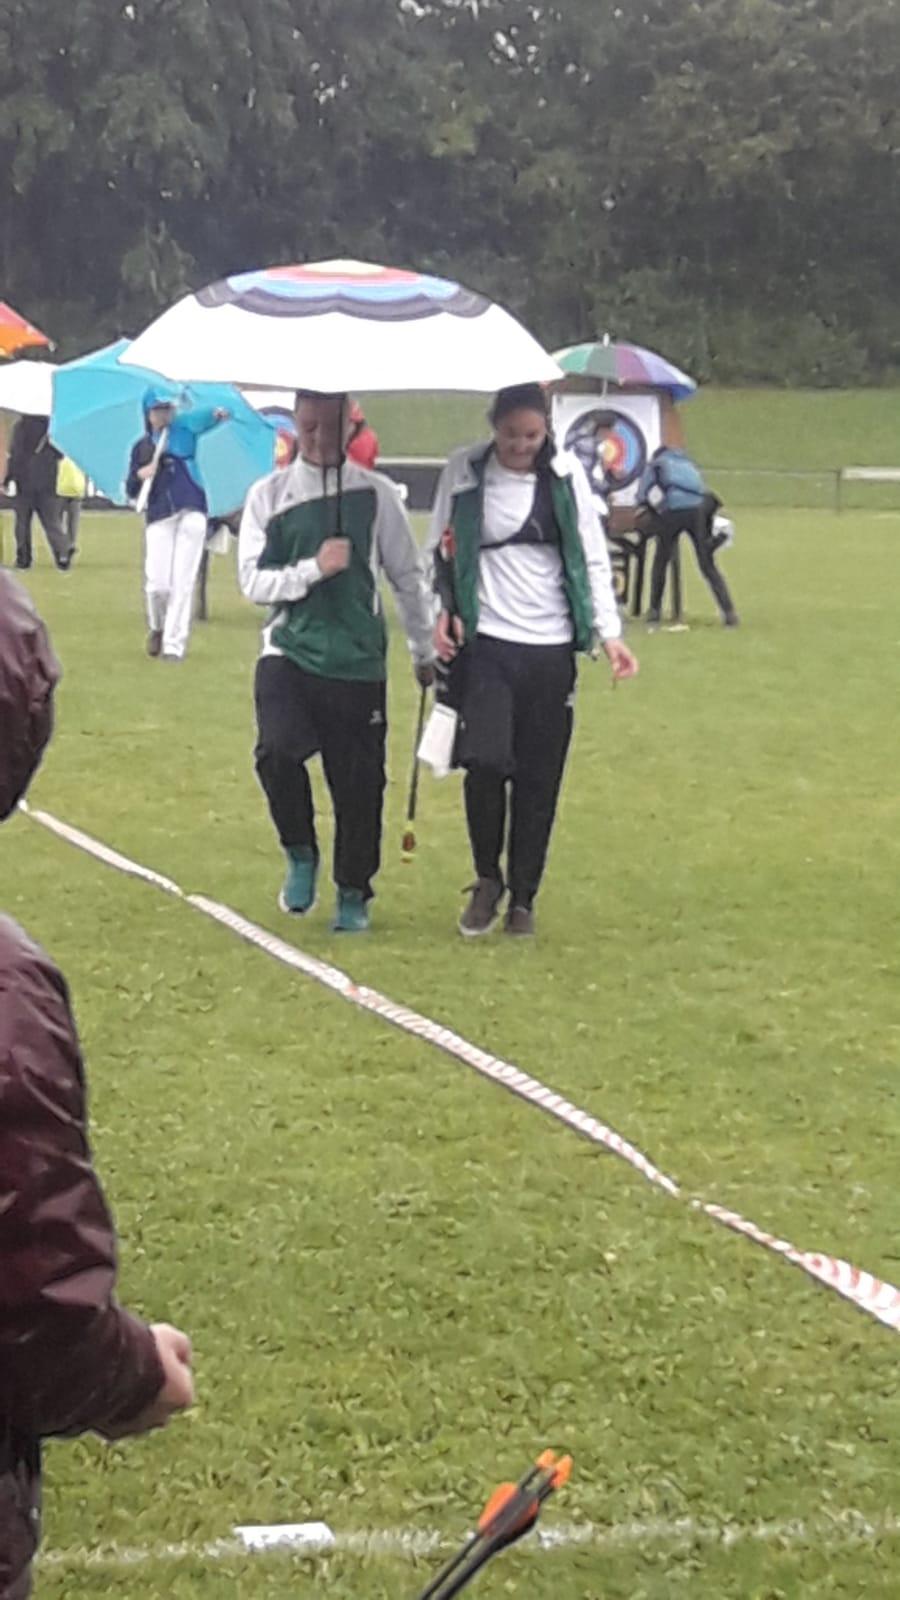 Gentlemen! Tobias Wendler (l) und Jaana Kretzschmar (r) beim Pfeile holen im Dauerregen